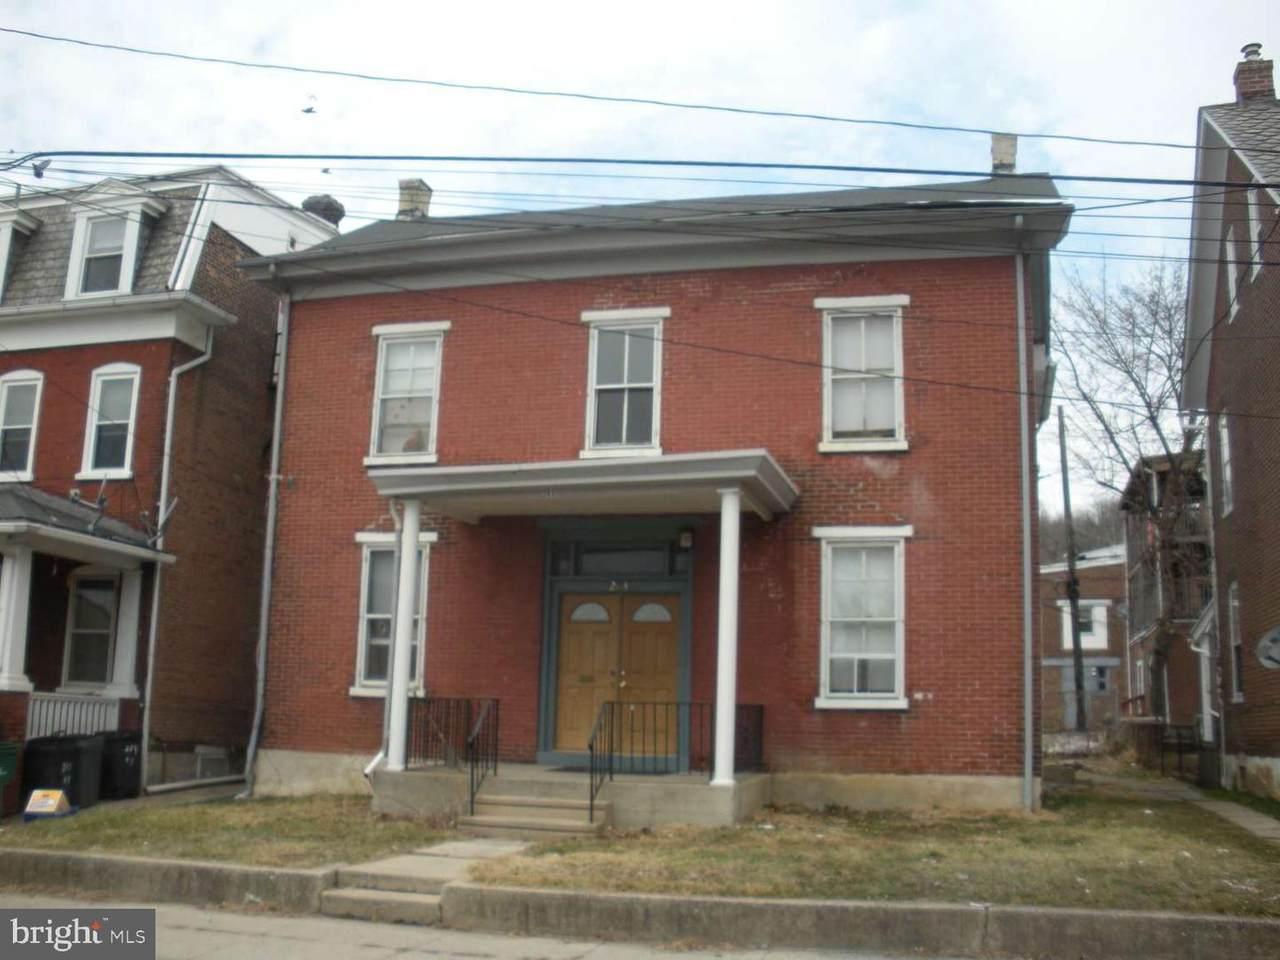 263 Chestnut Street - Photo 1